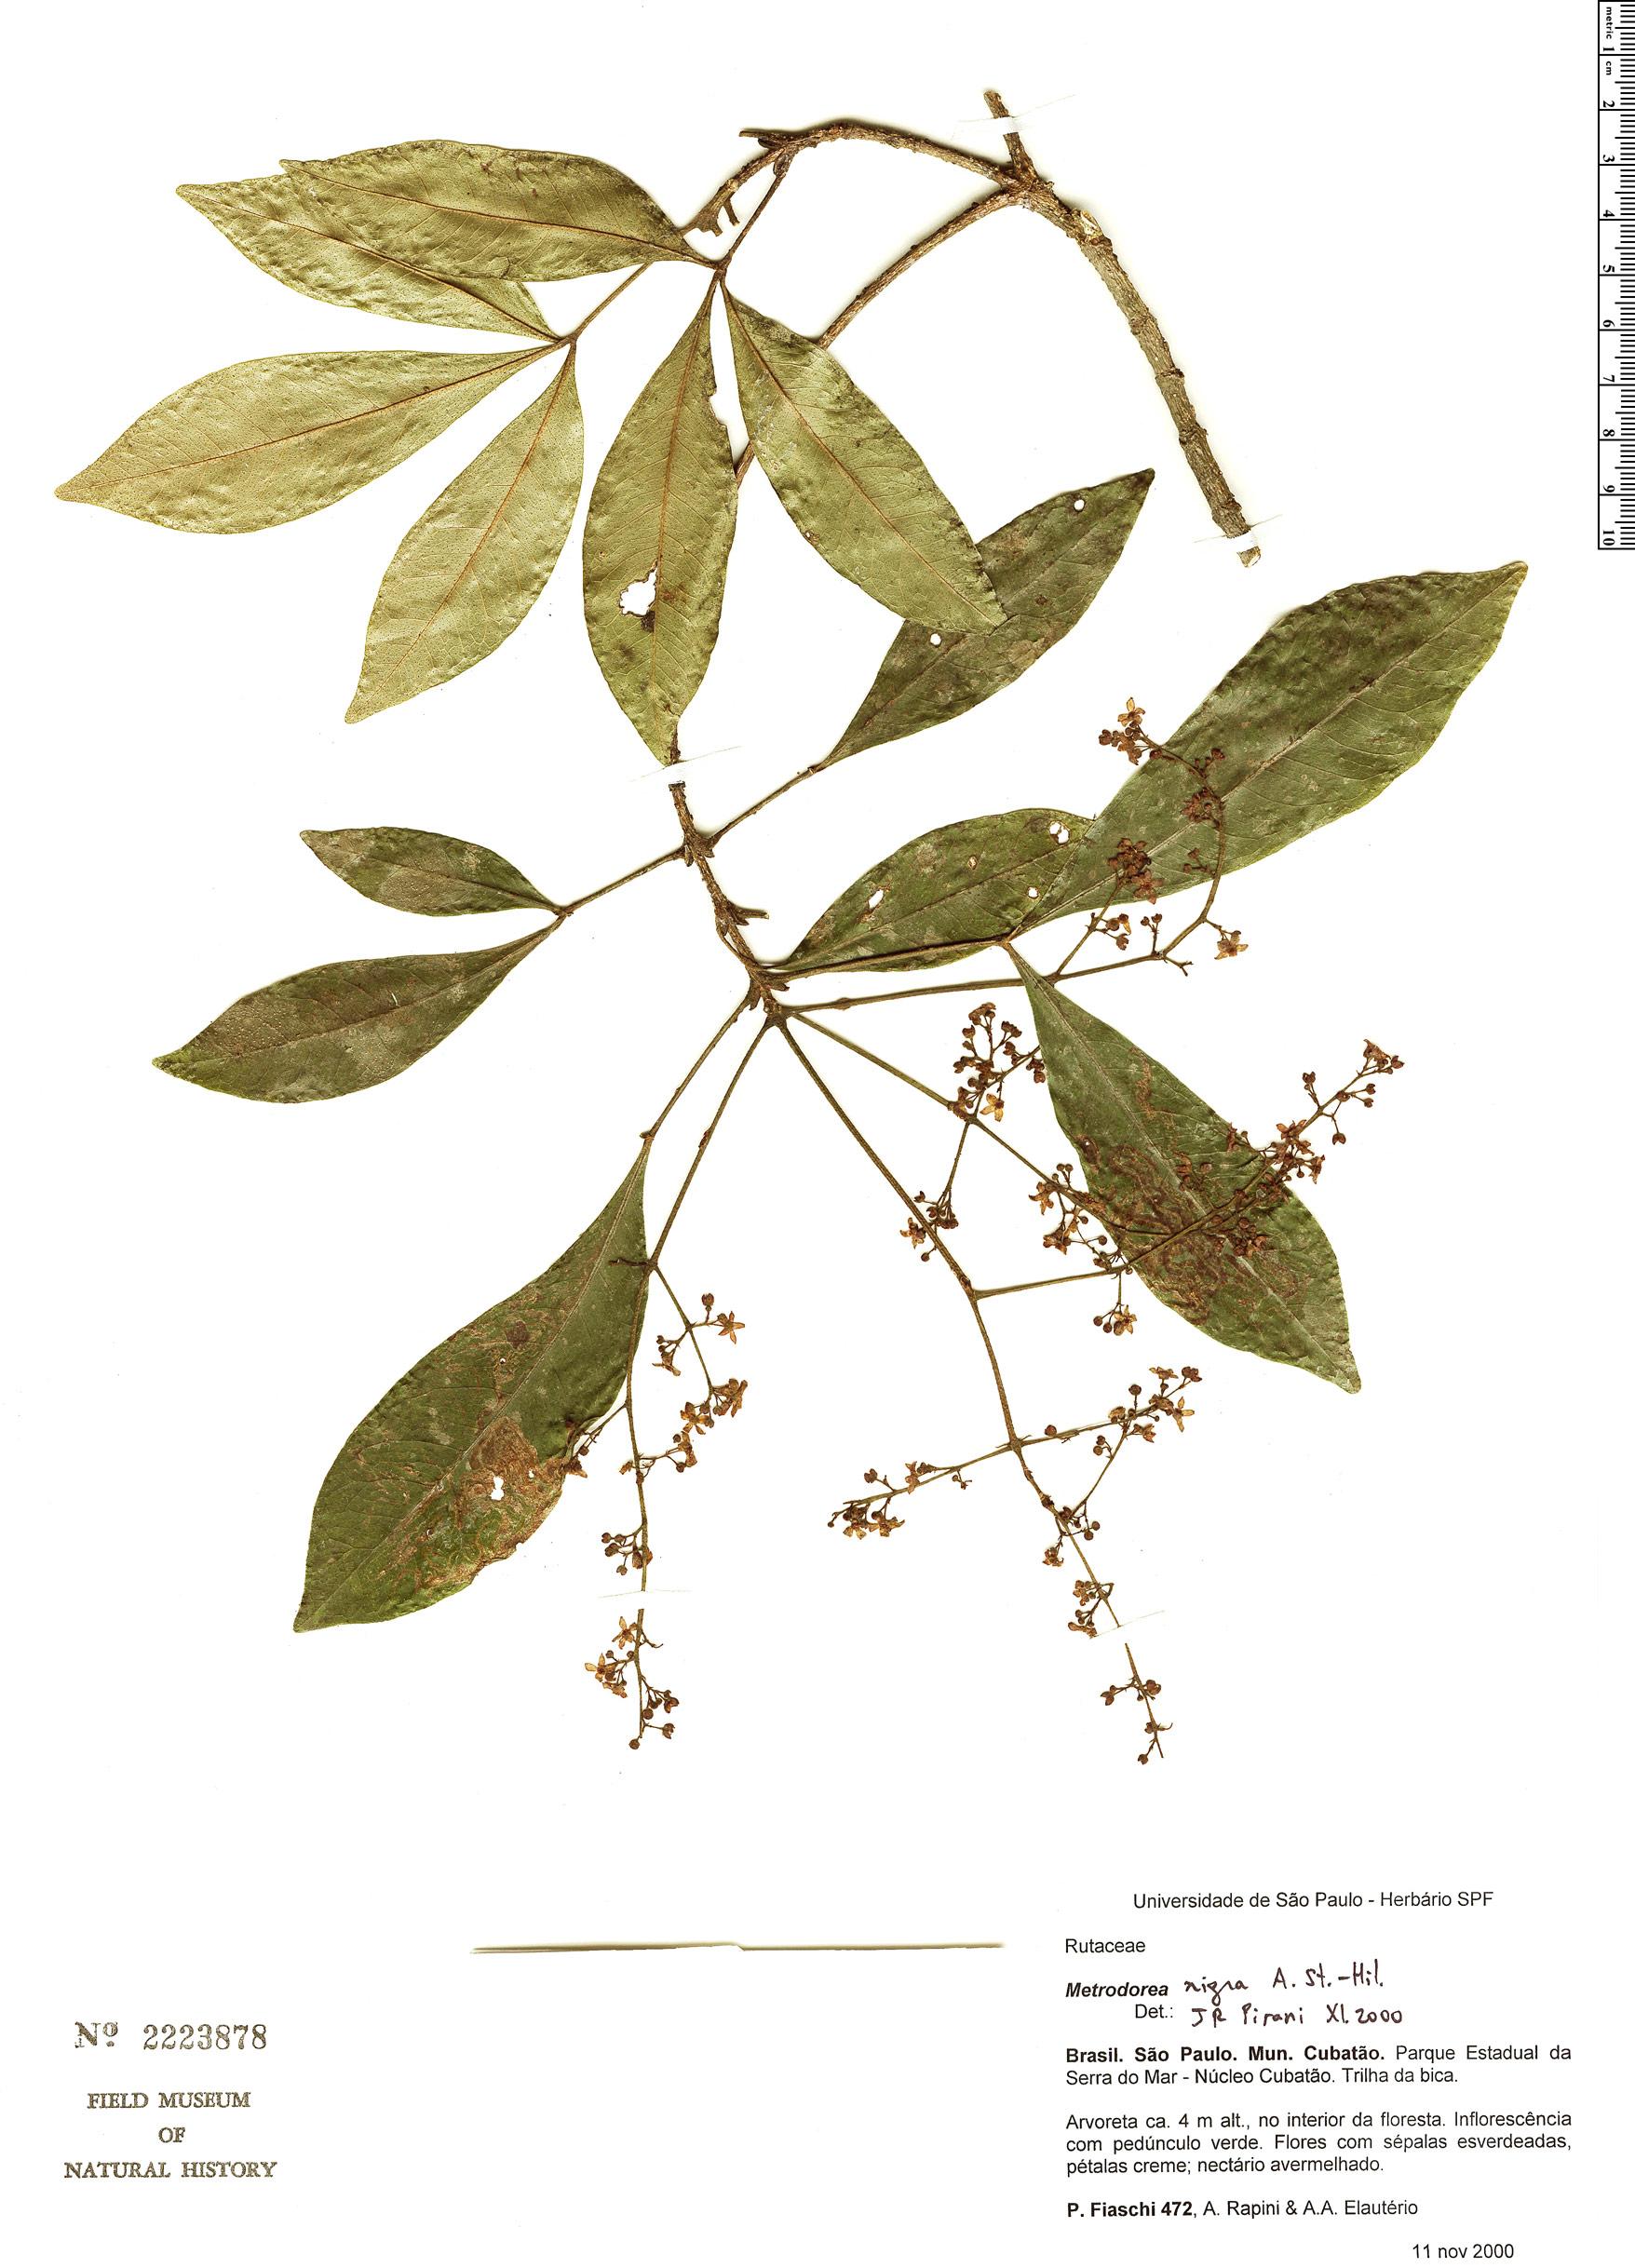 Specimen: Metrodorea nigra